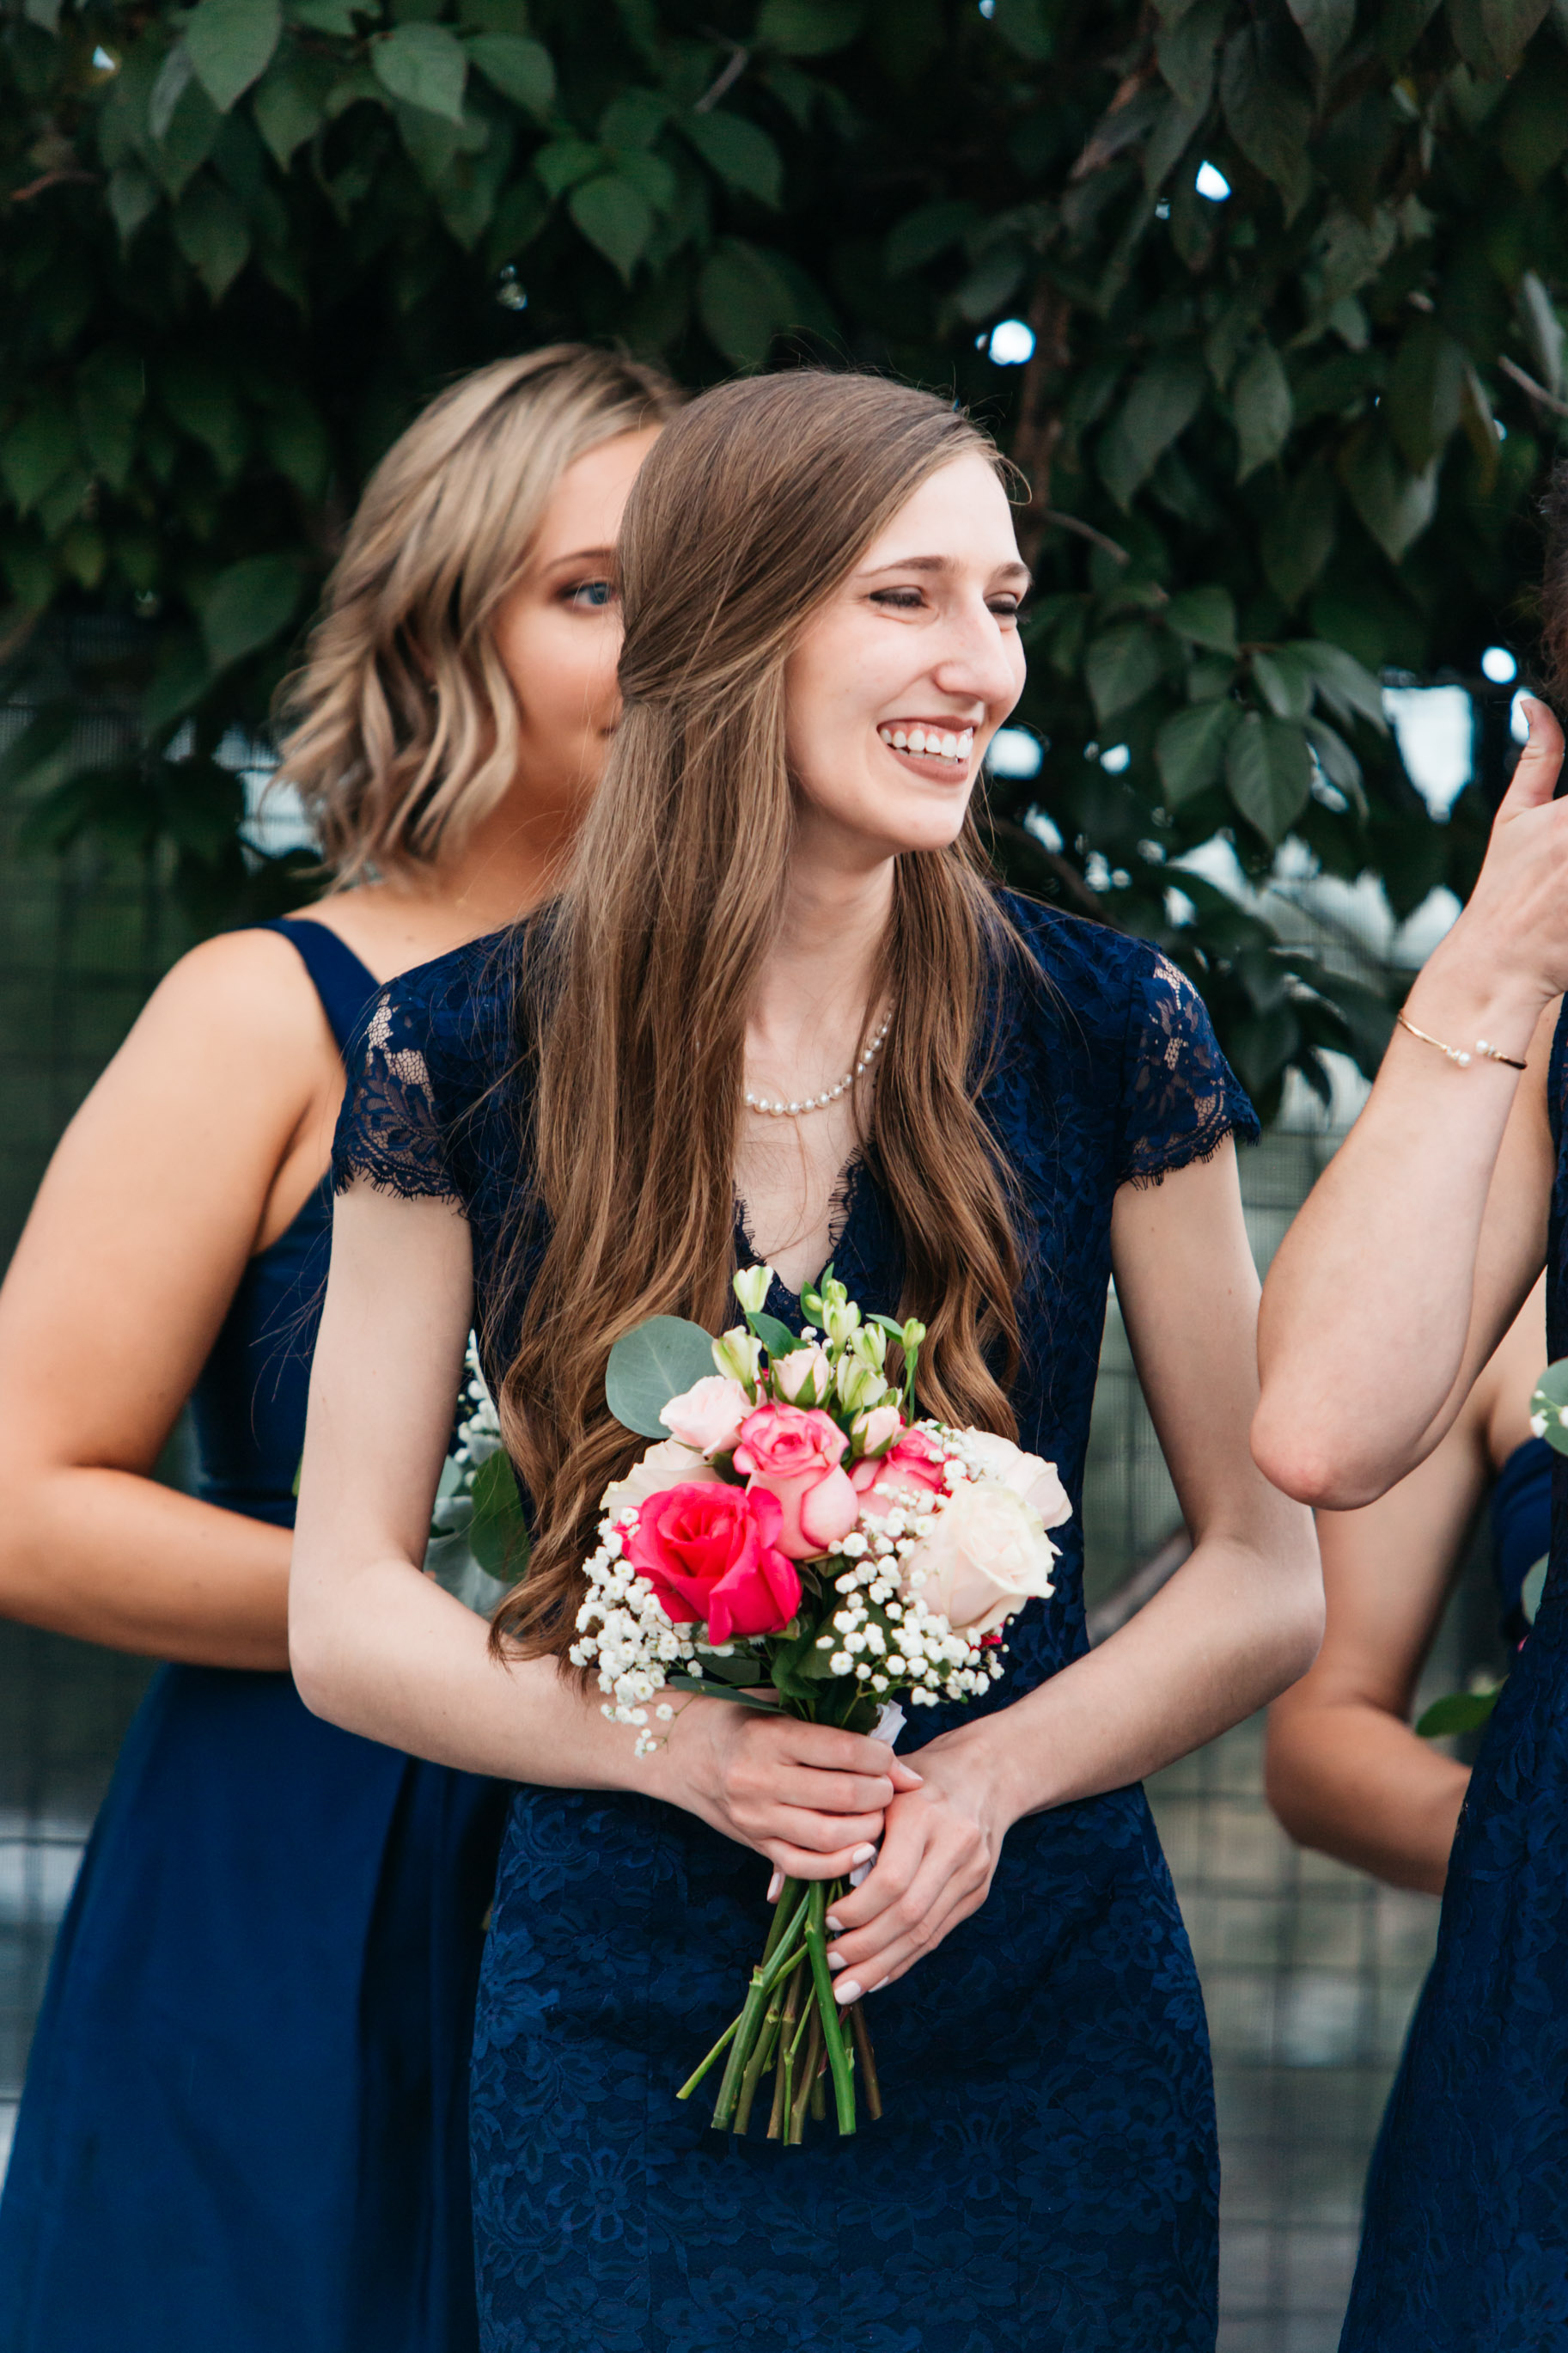 Sister bridesmaids long hair